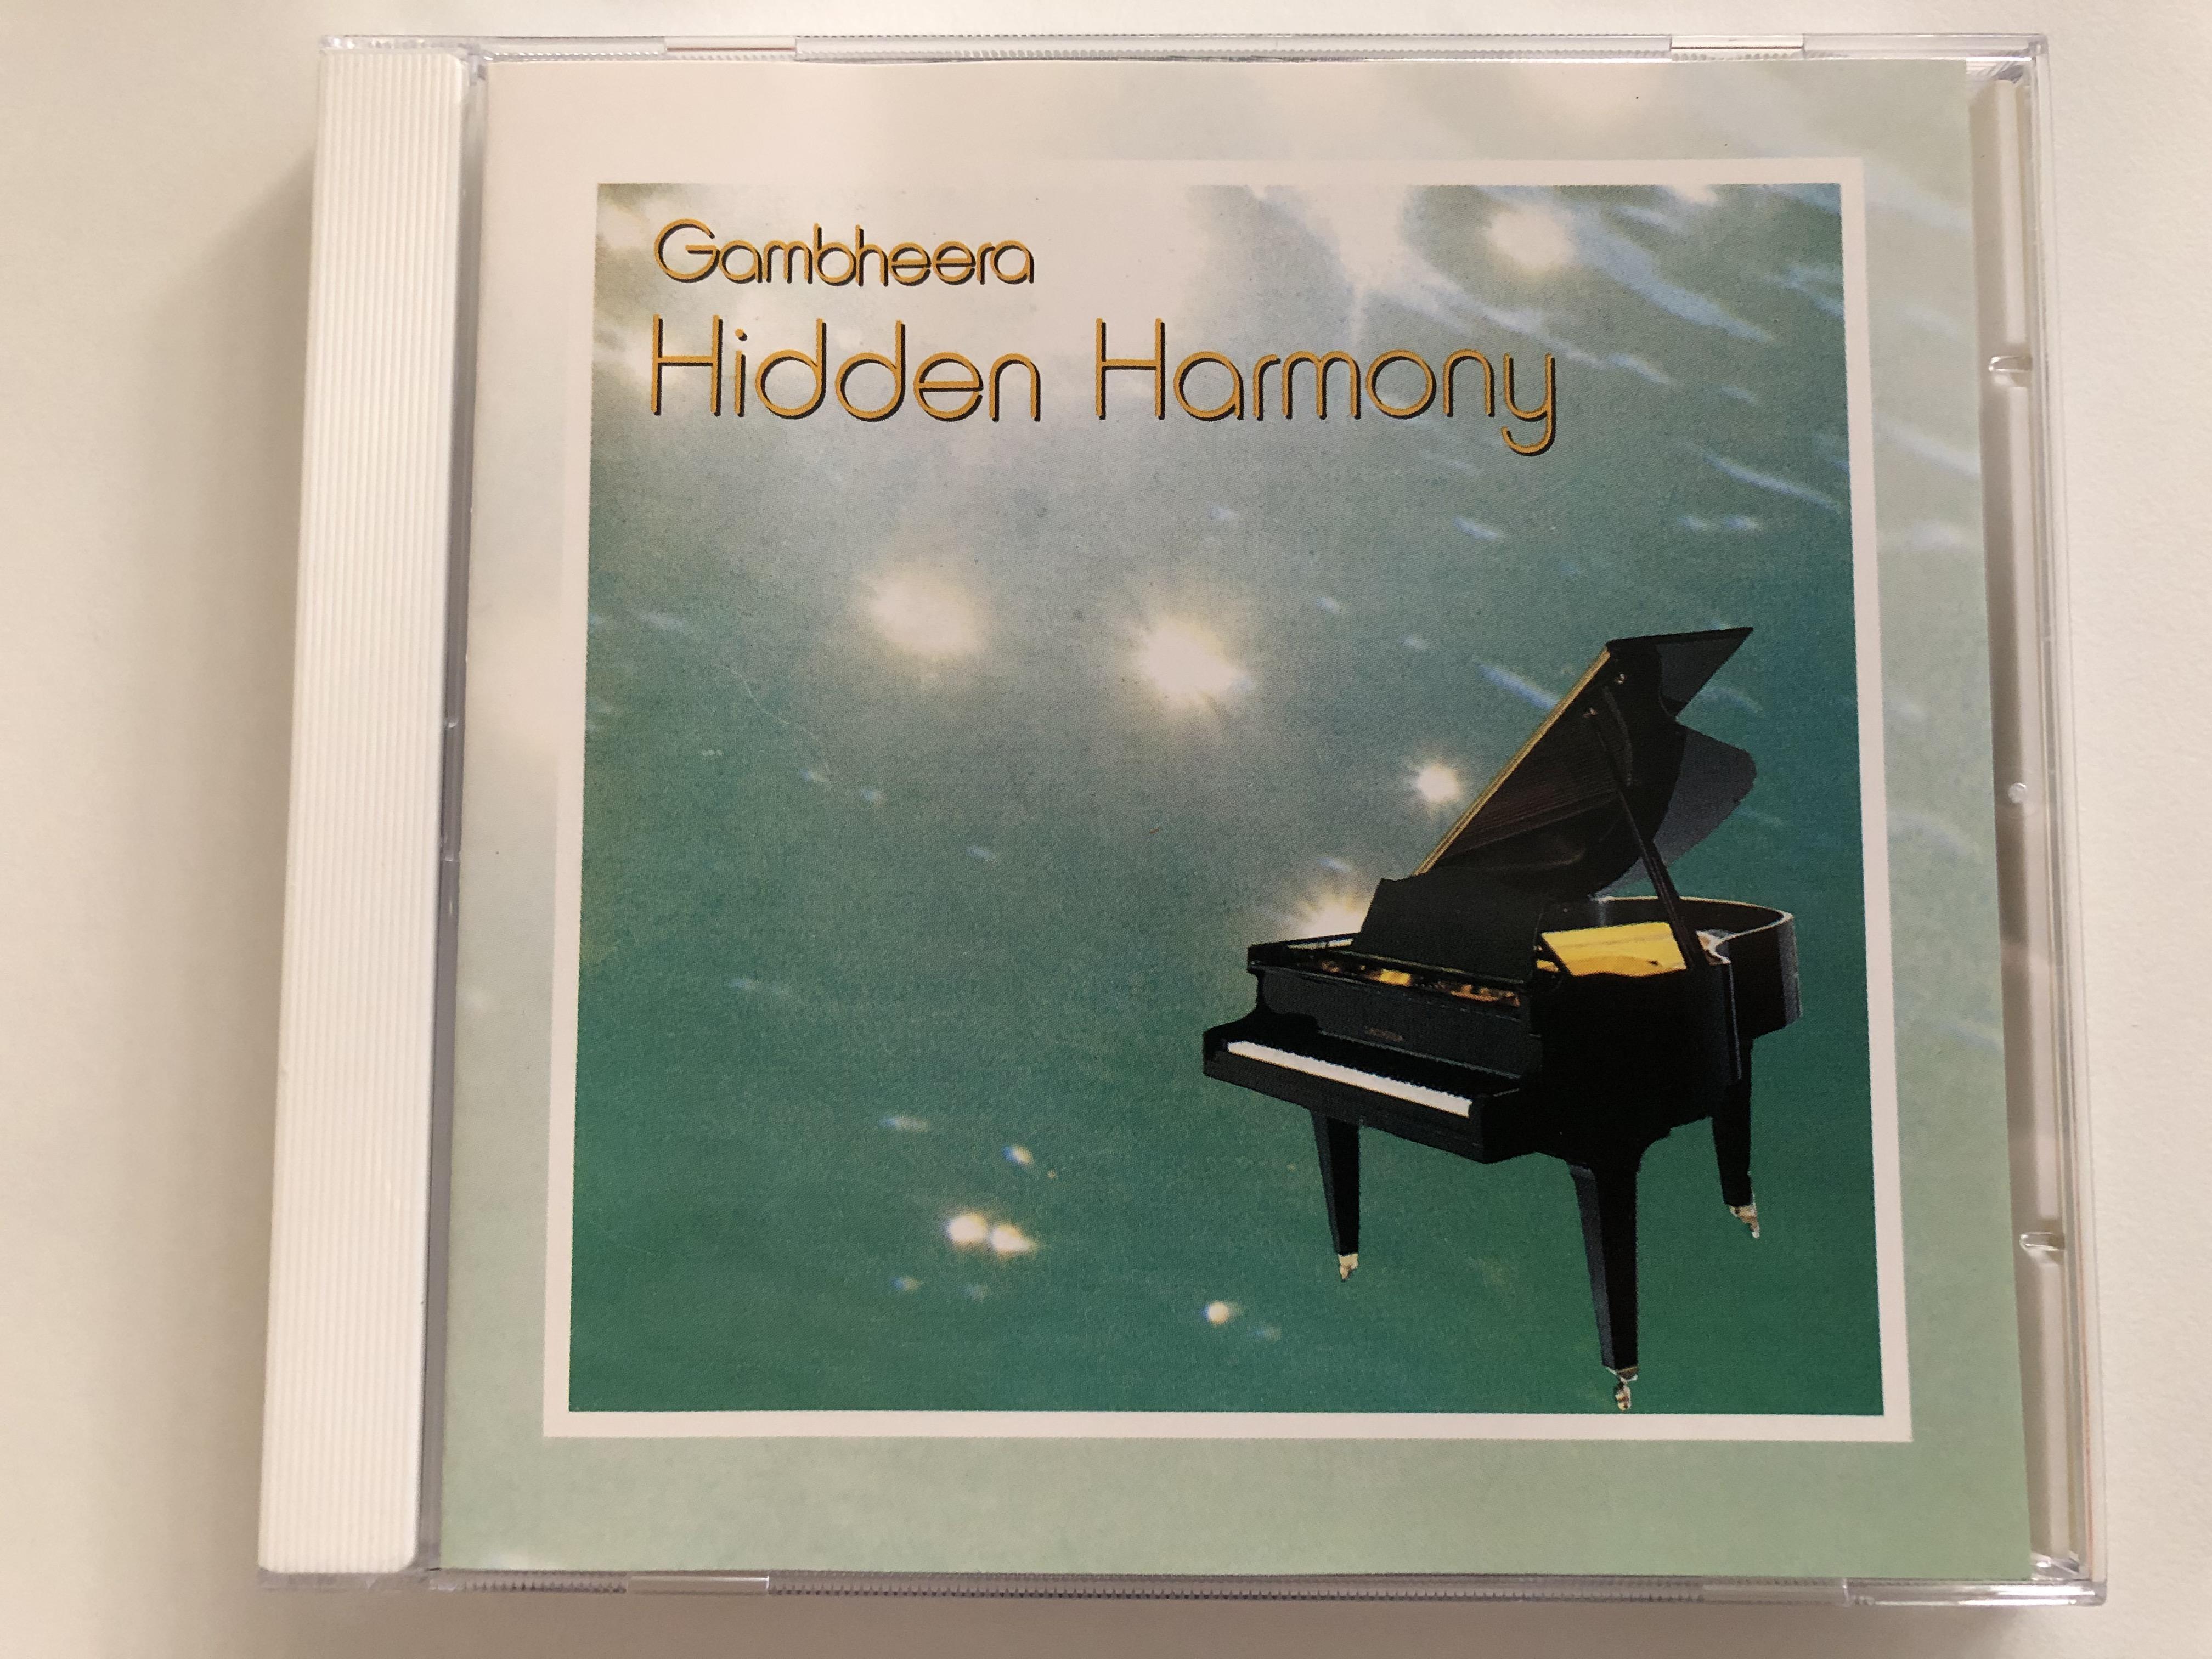 gambheera-hidden-harmony-nightingale-records-audio-cd-1991-ngh-cd-342-1-.jpg